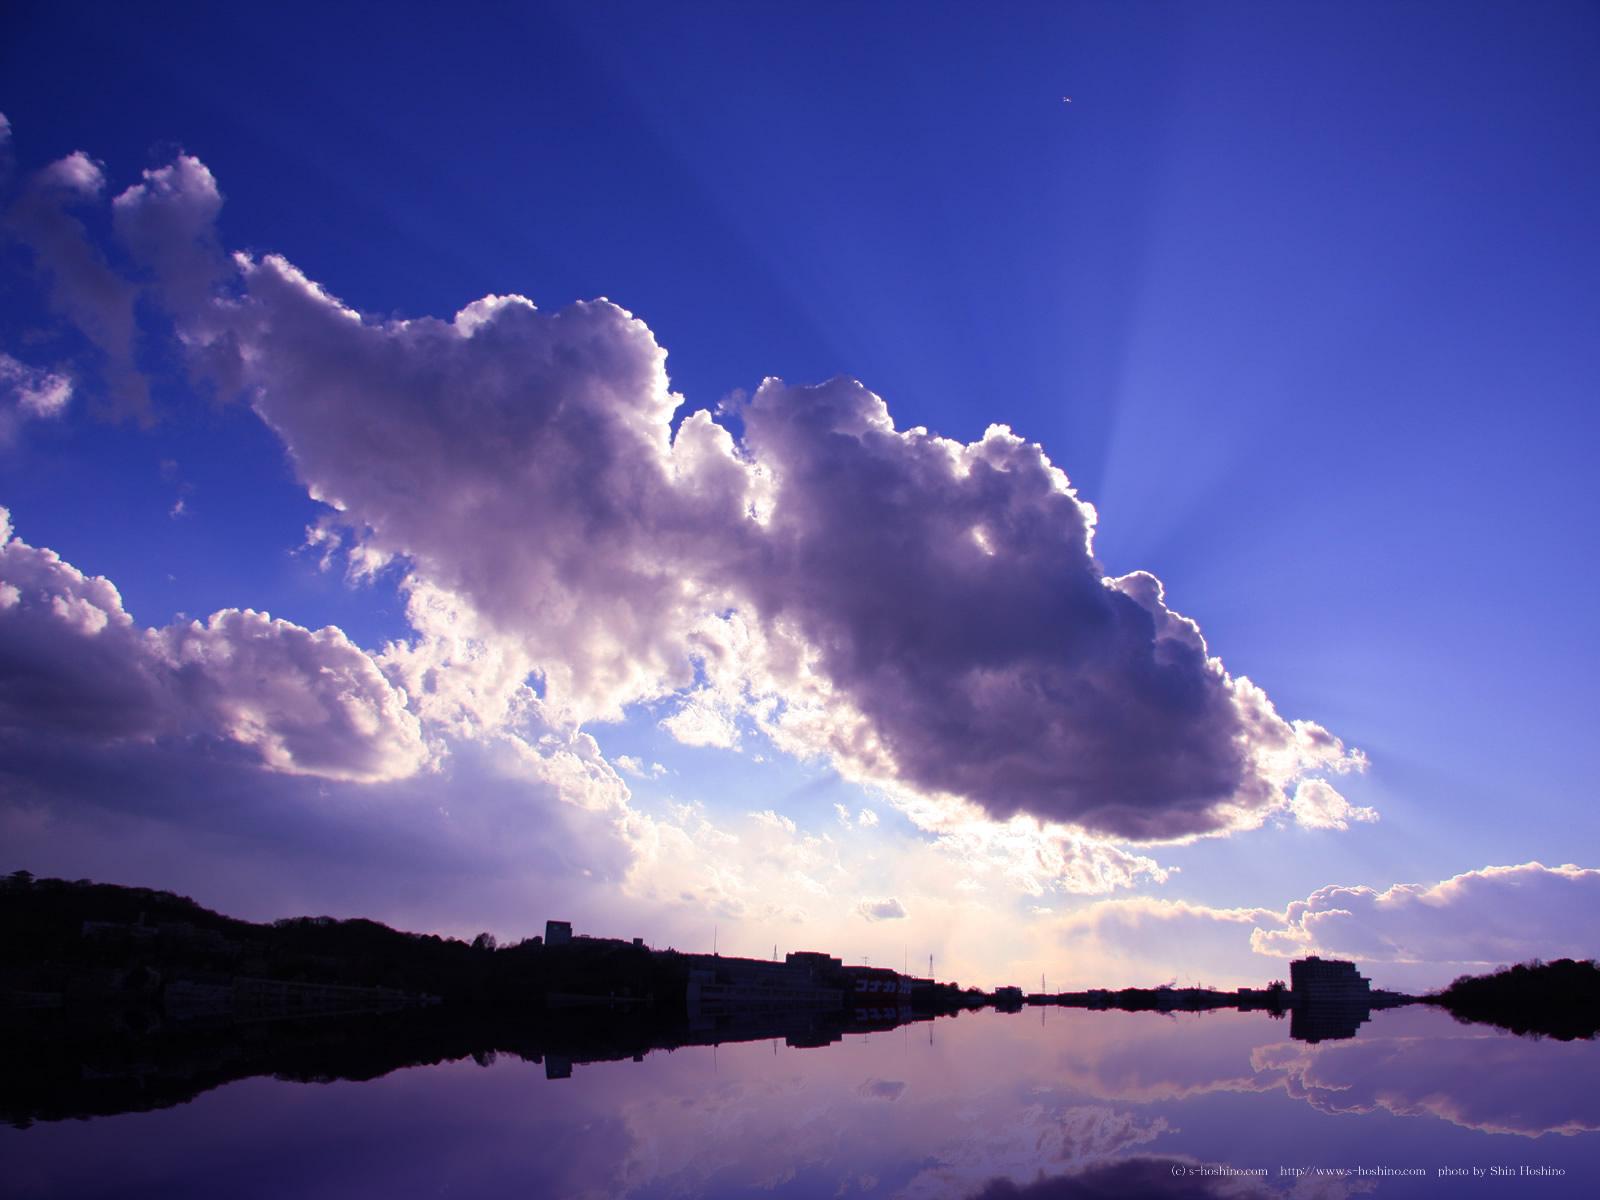 自然・風景写真の壁紙 高画質写真002